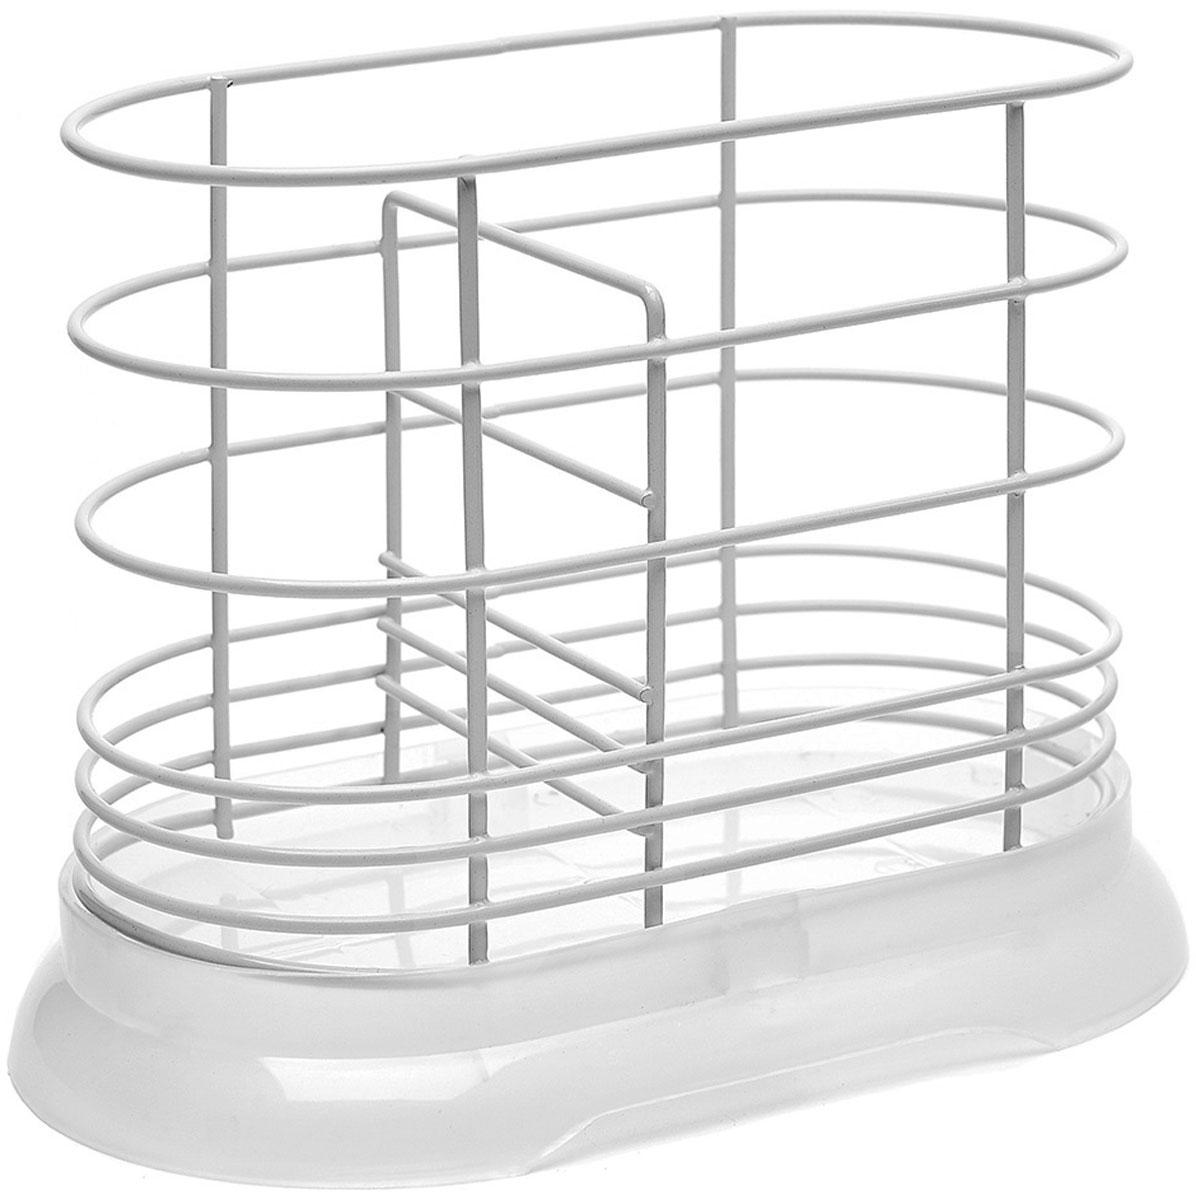 Подставка для столовых приборов Walmer, цвет: белый, 16 x 8,5 x 13,5 смW14161388